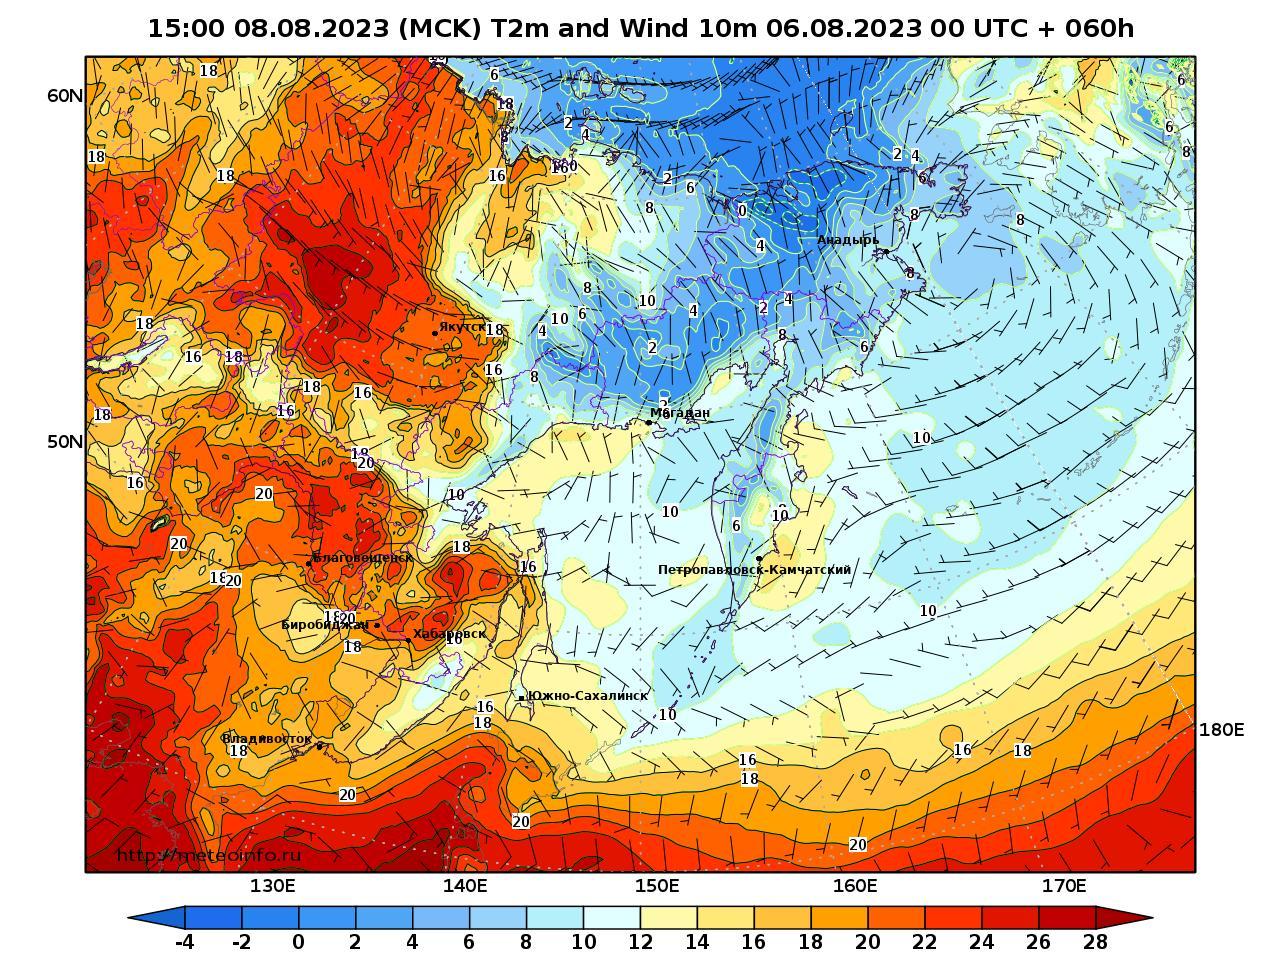 Дальний Восток, прогностическая карта приземная температура, заблаговременность прогноза 60 часов